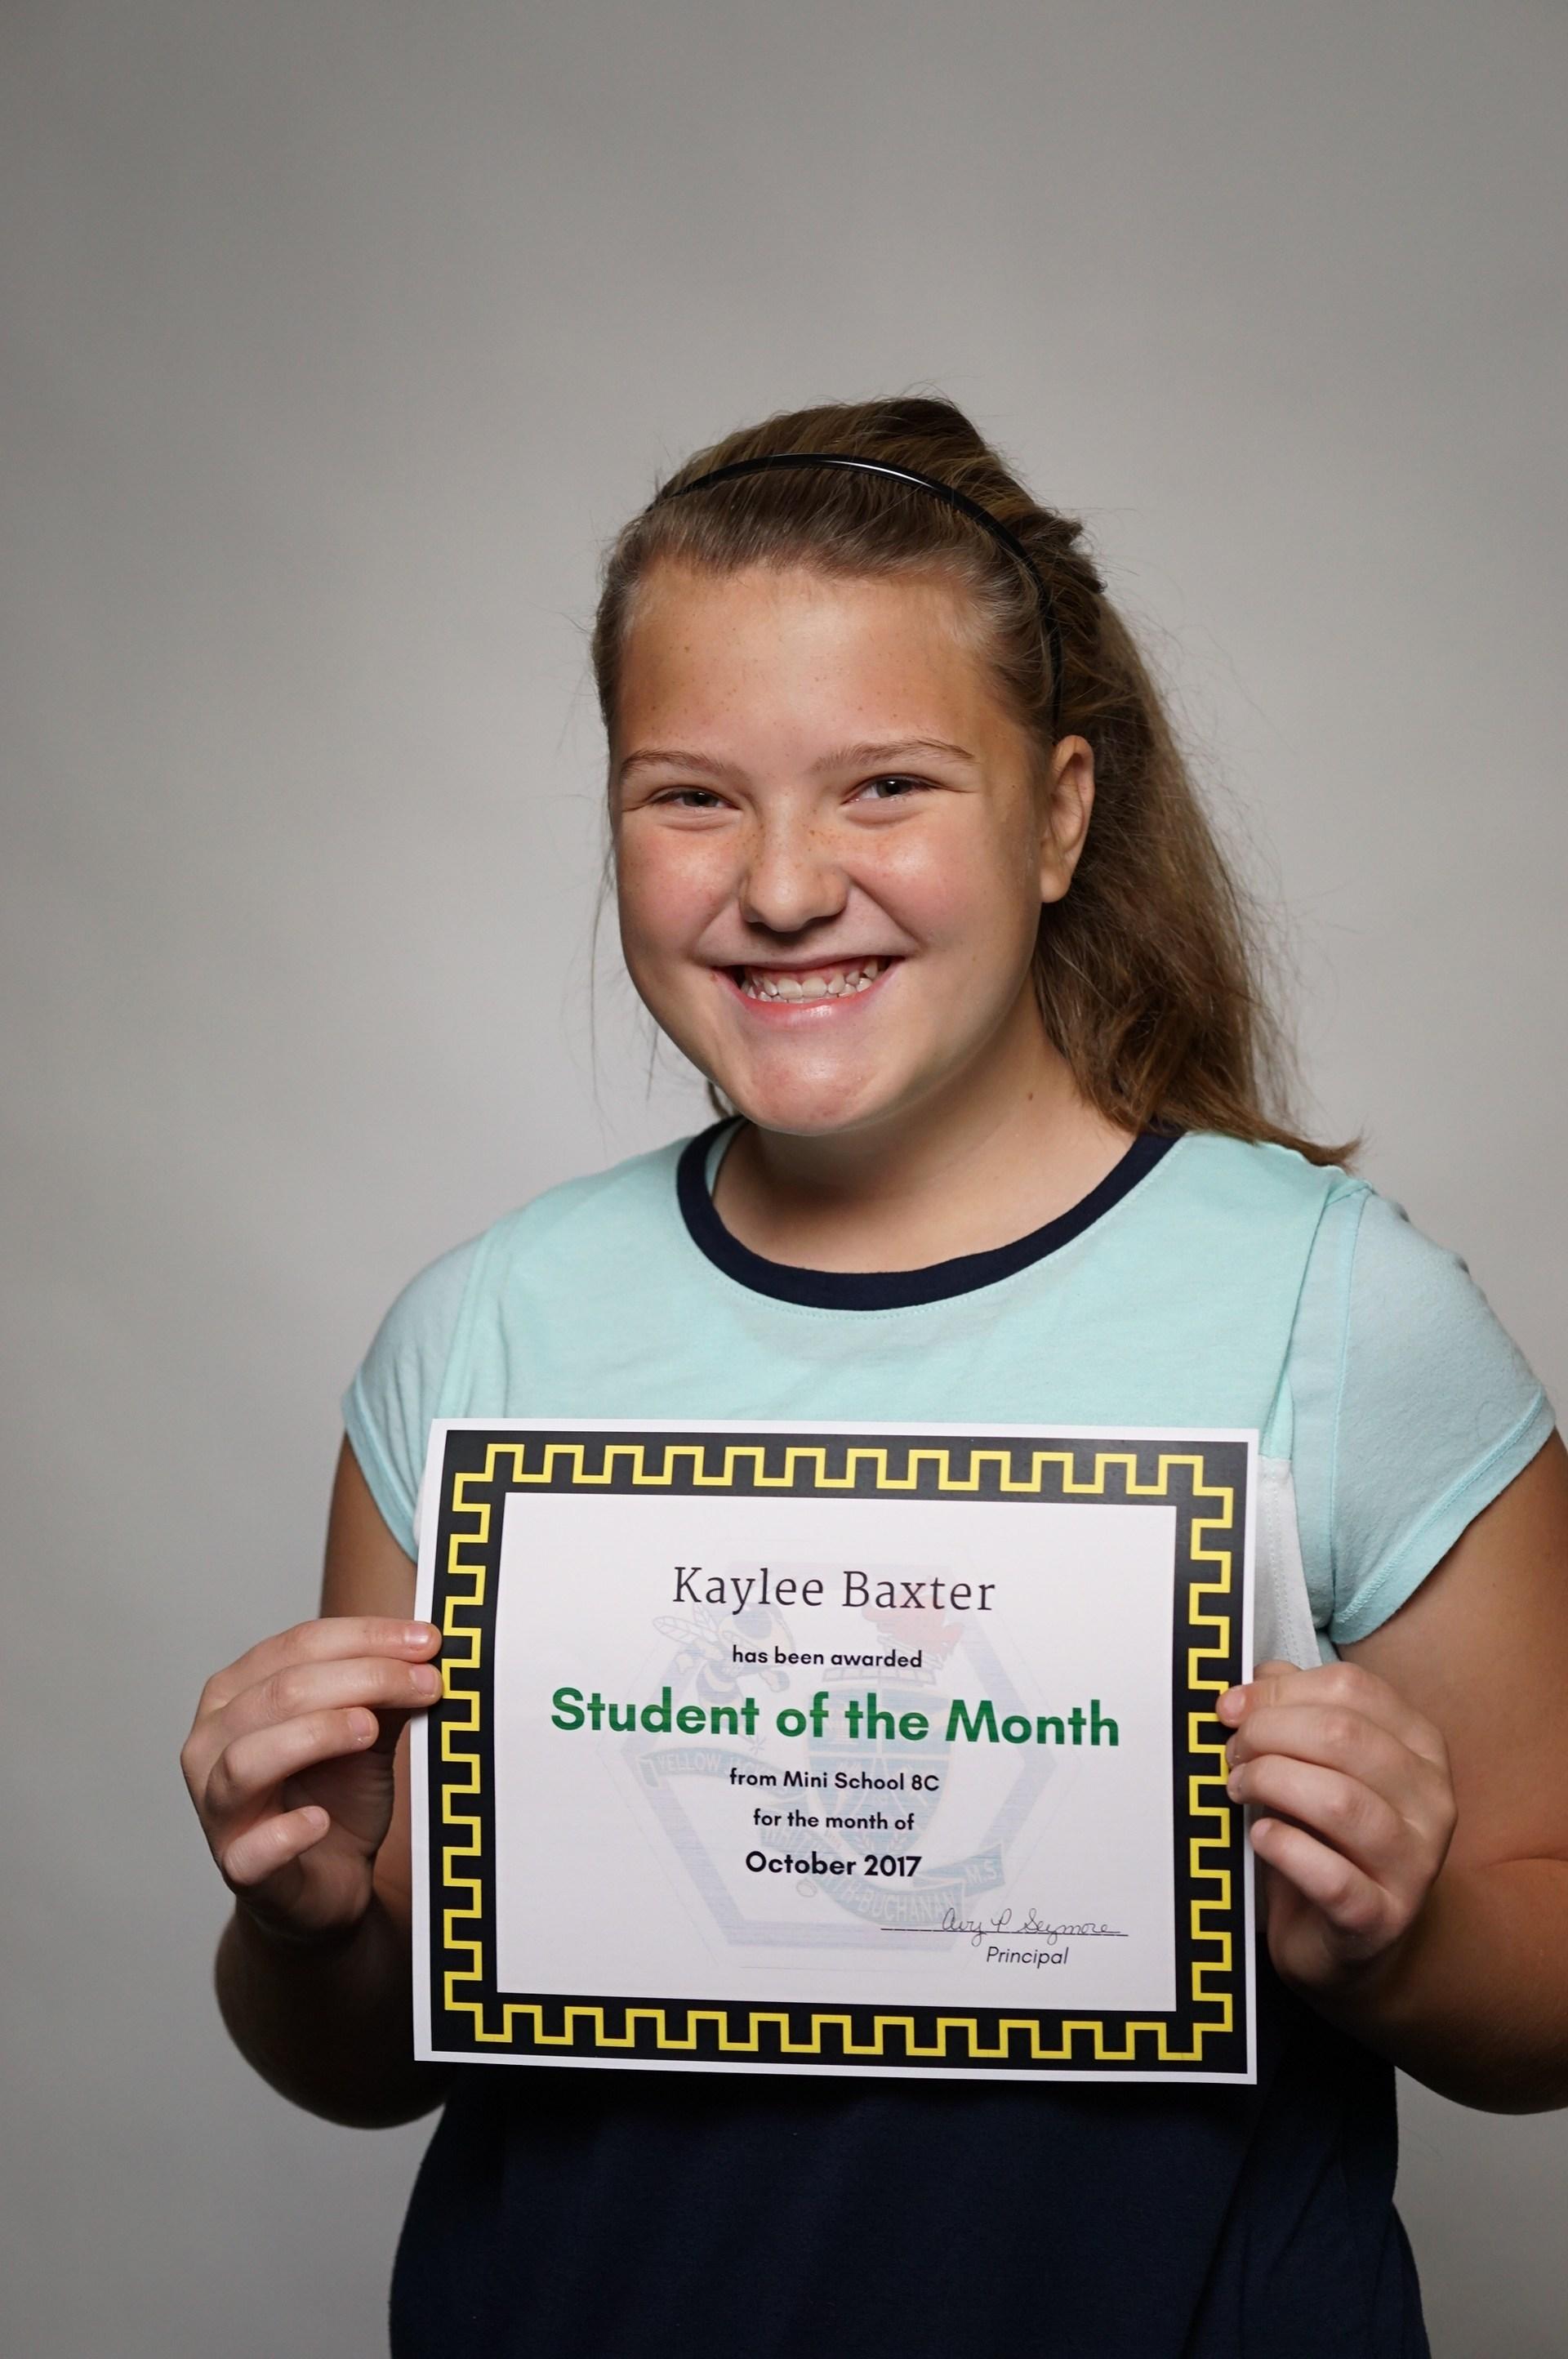 Kaylee Baxter